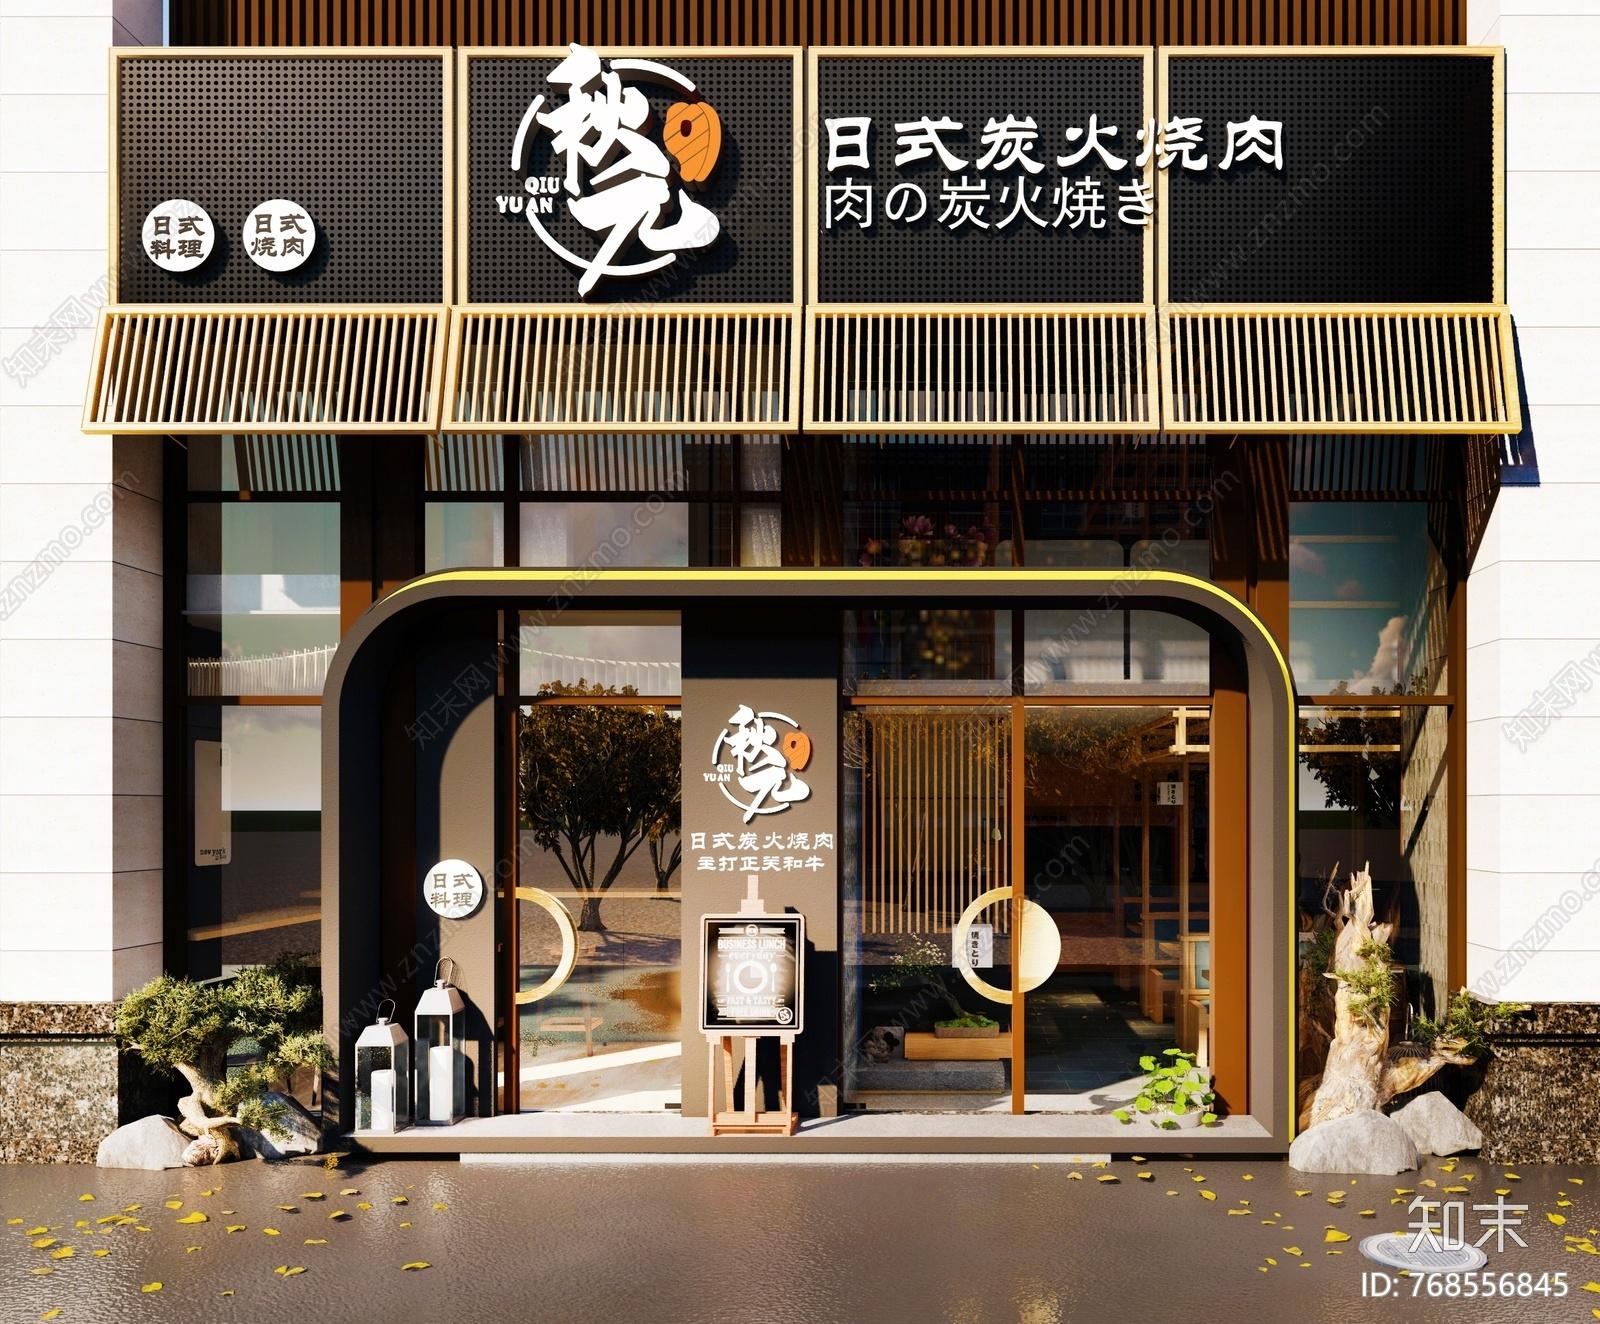 日式风格料理店SU模型下载【ID:768556845】